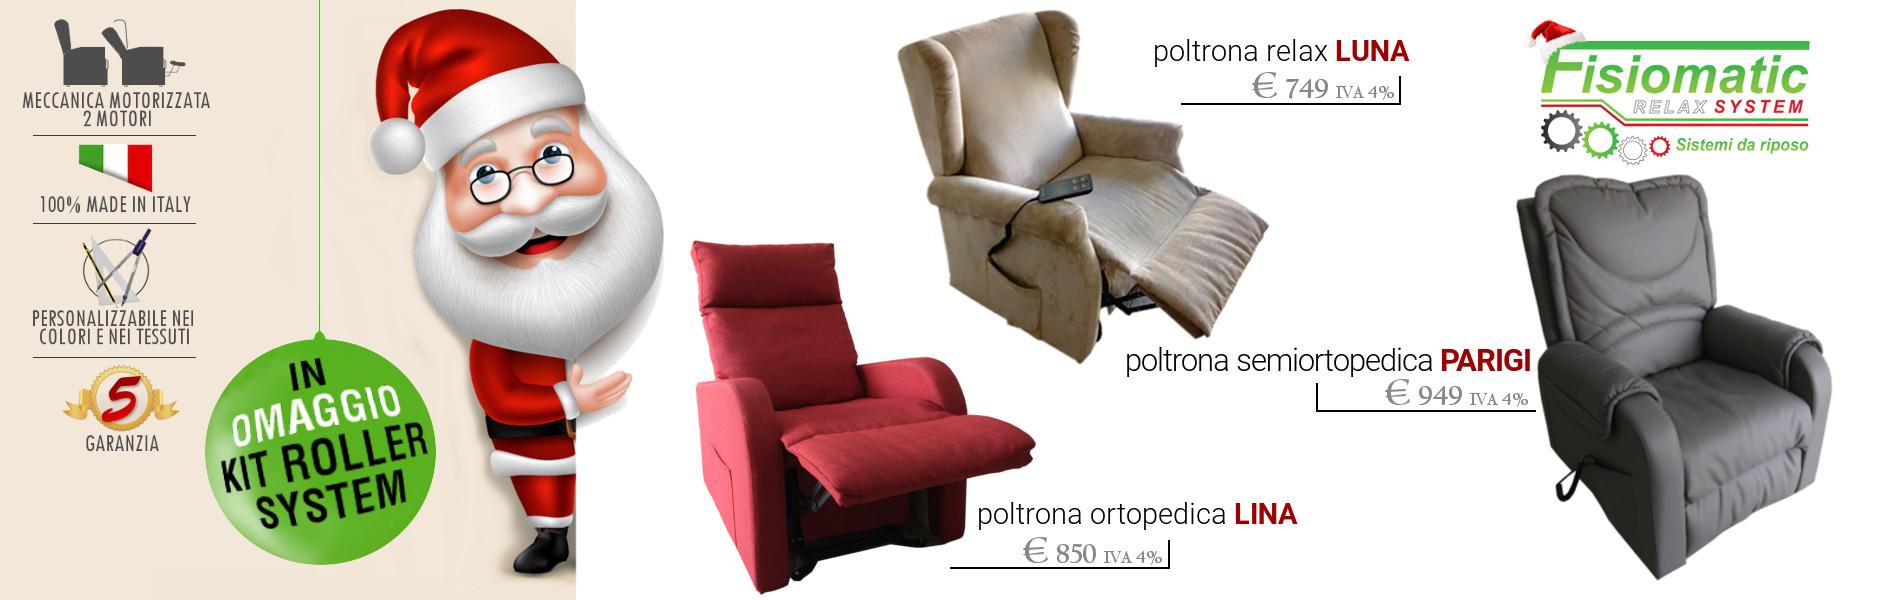 Slide-Poltrone-Fisiomatic-Relax-System-Promozione-Natale-2018